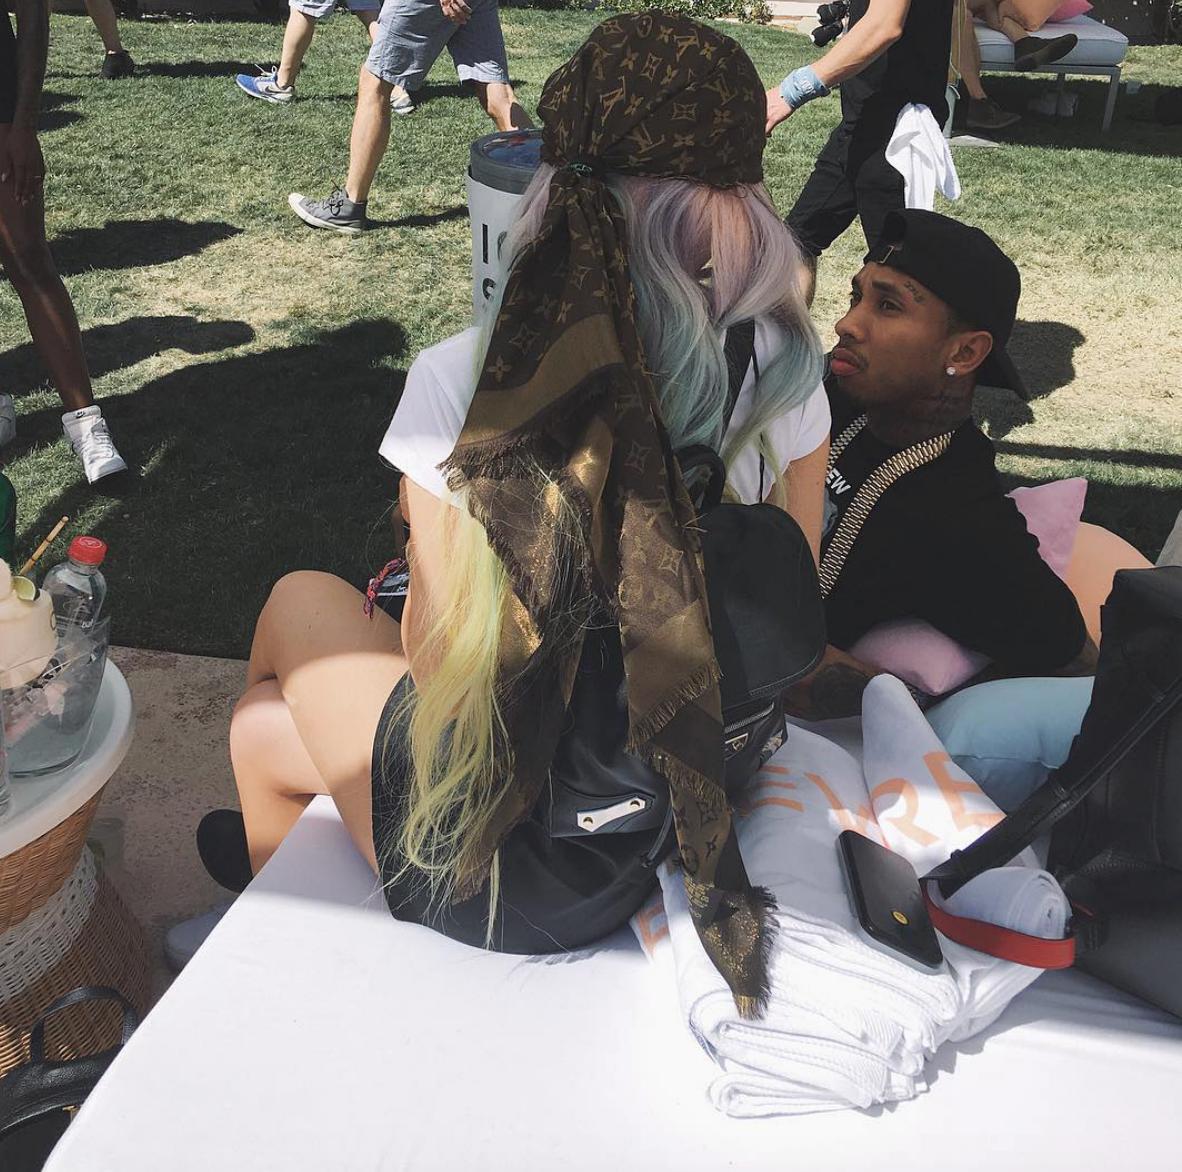 Kylie Jenner Tyga Coachella 2016